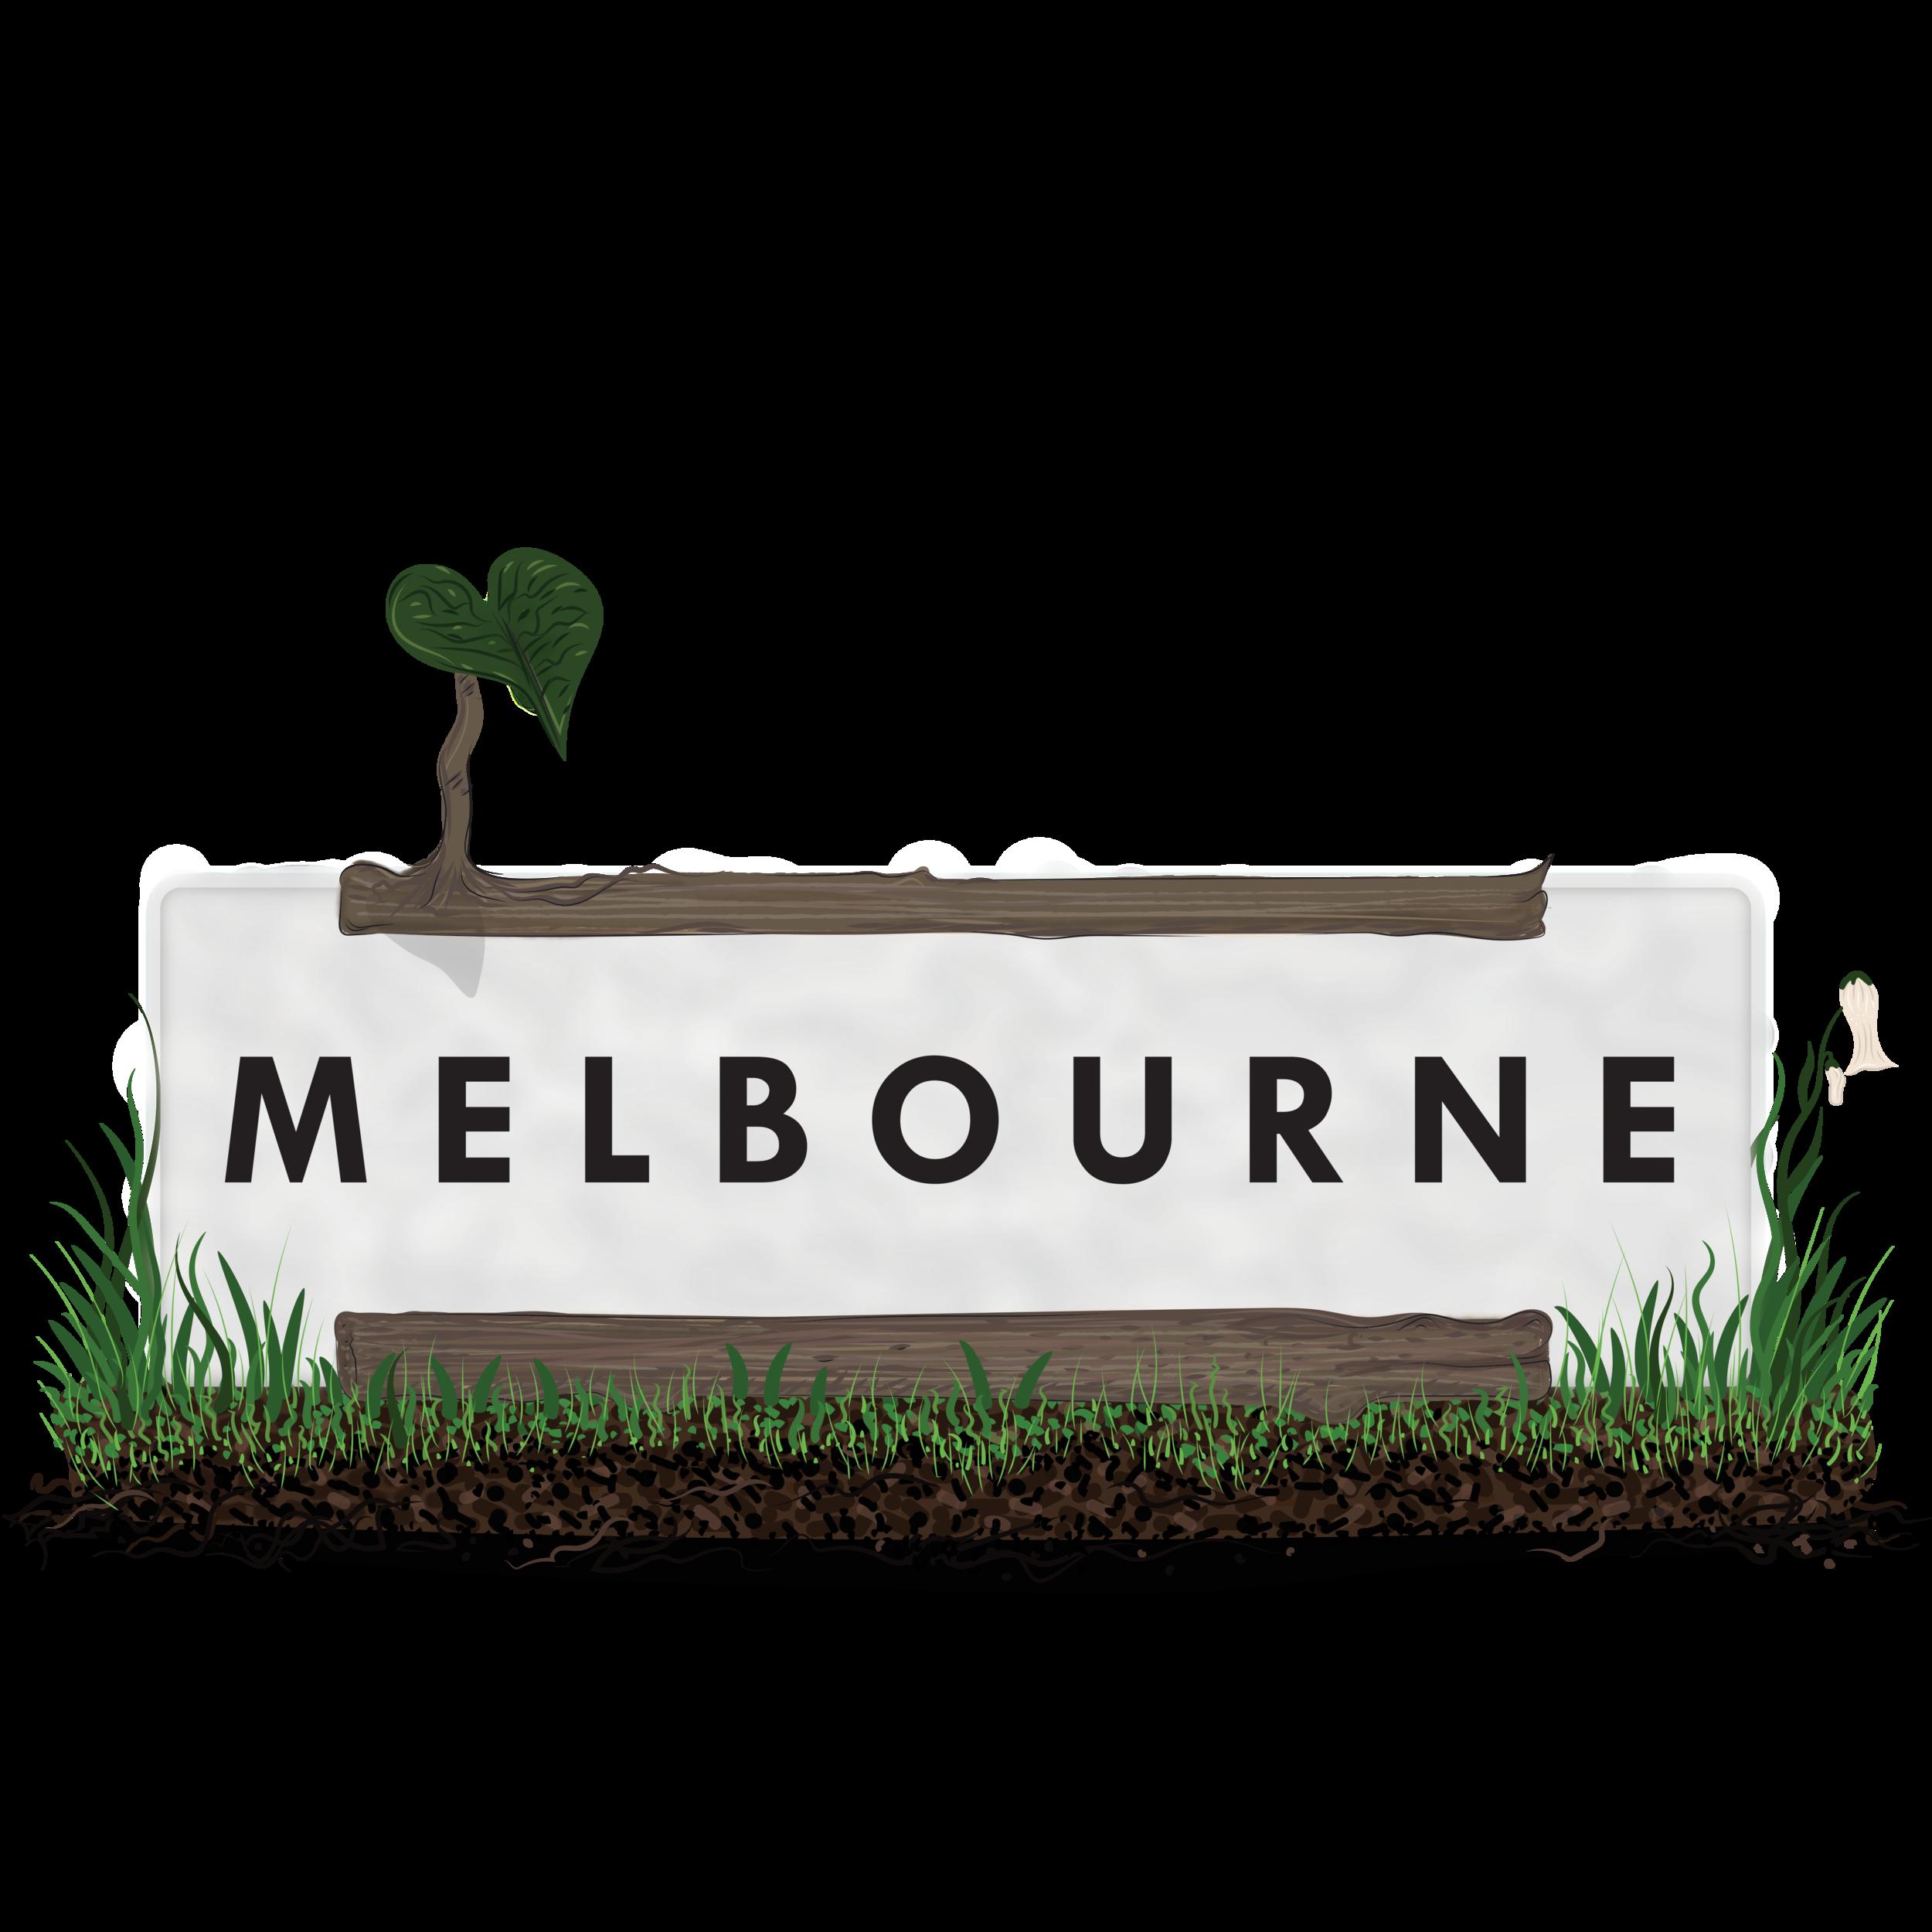 MELBOUNE GRASS Landscape.png